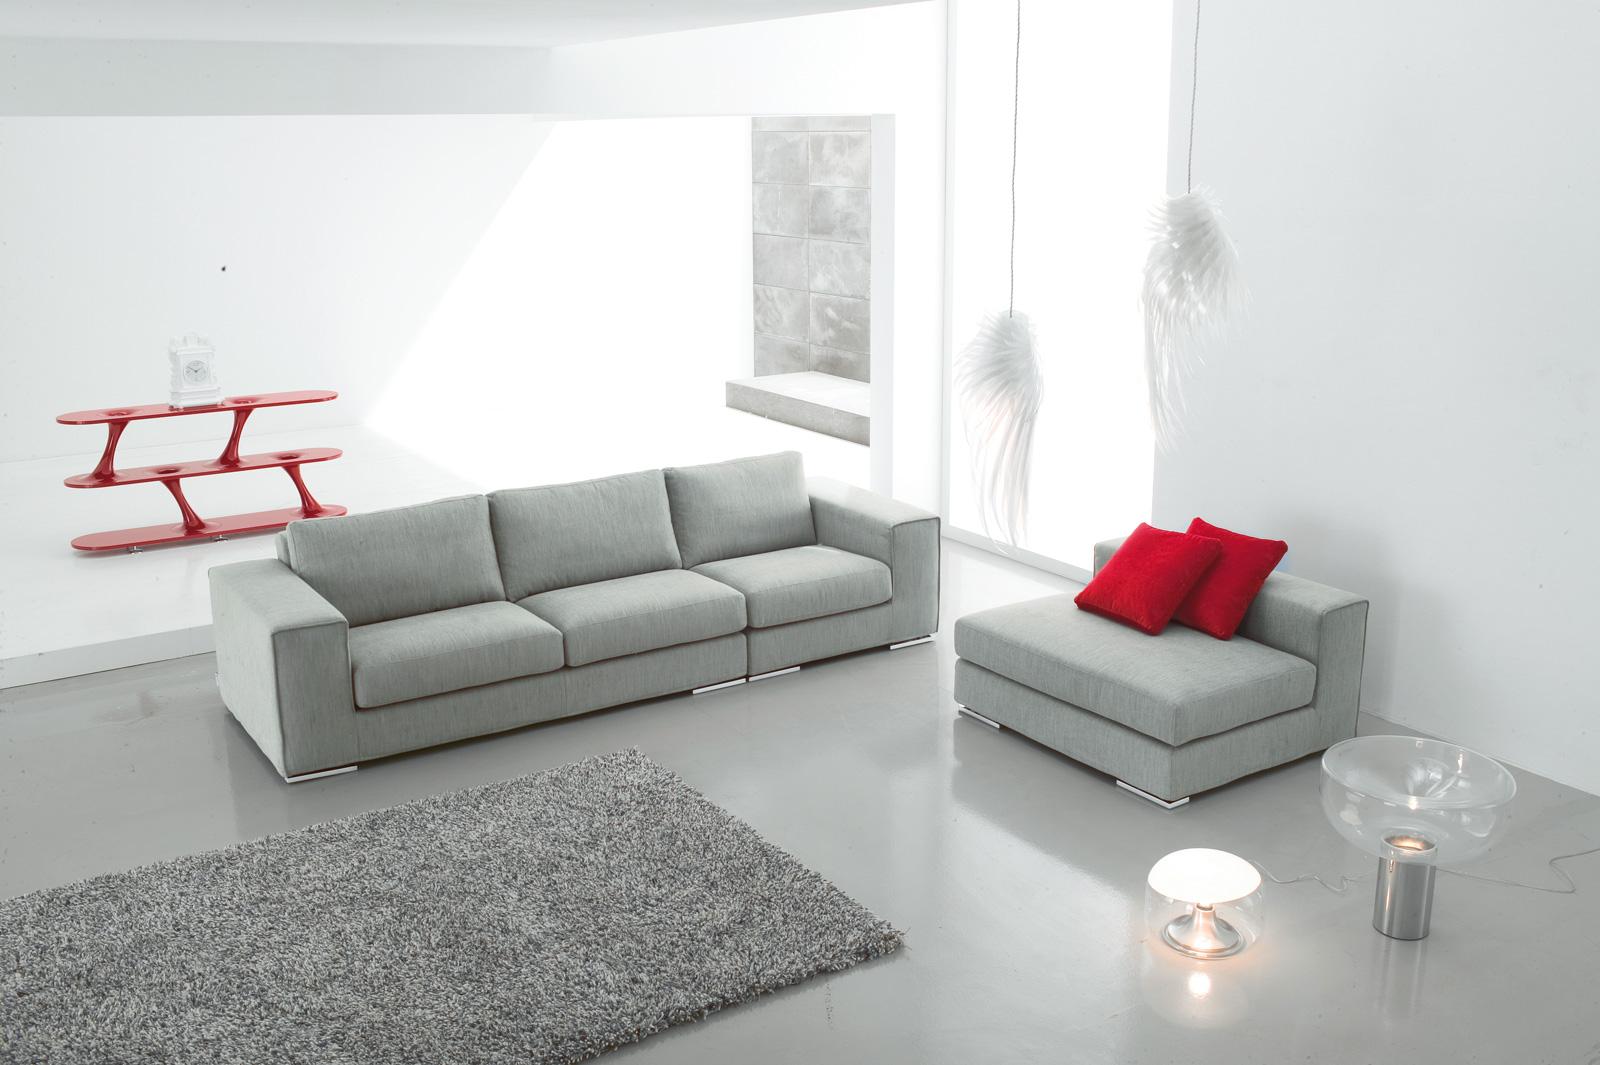 Divani blog tino mariani idee per arredare il salotto for Divano con pouf